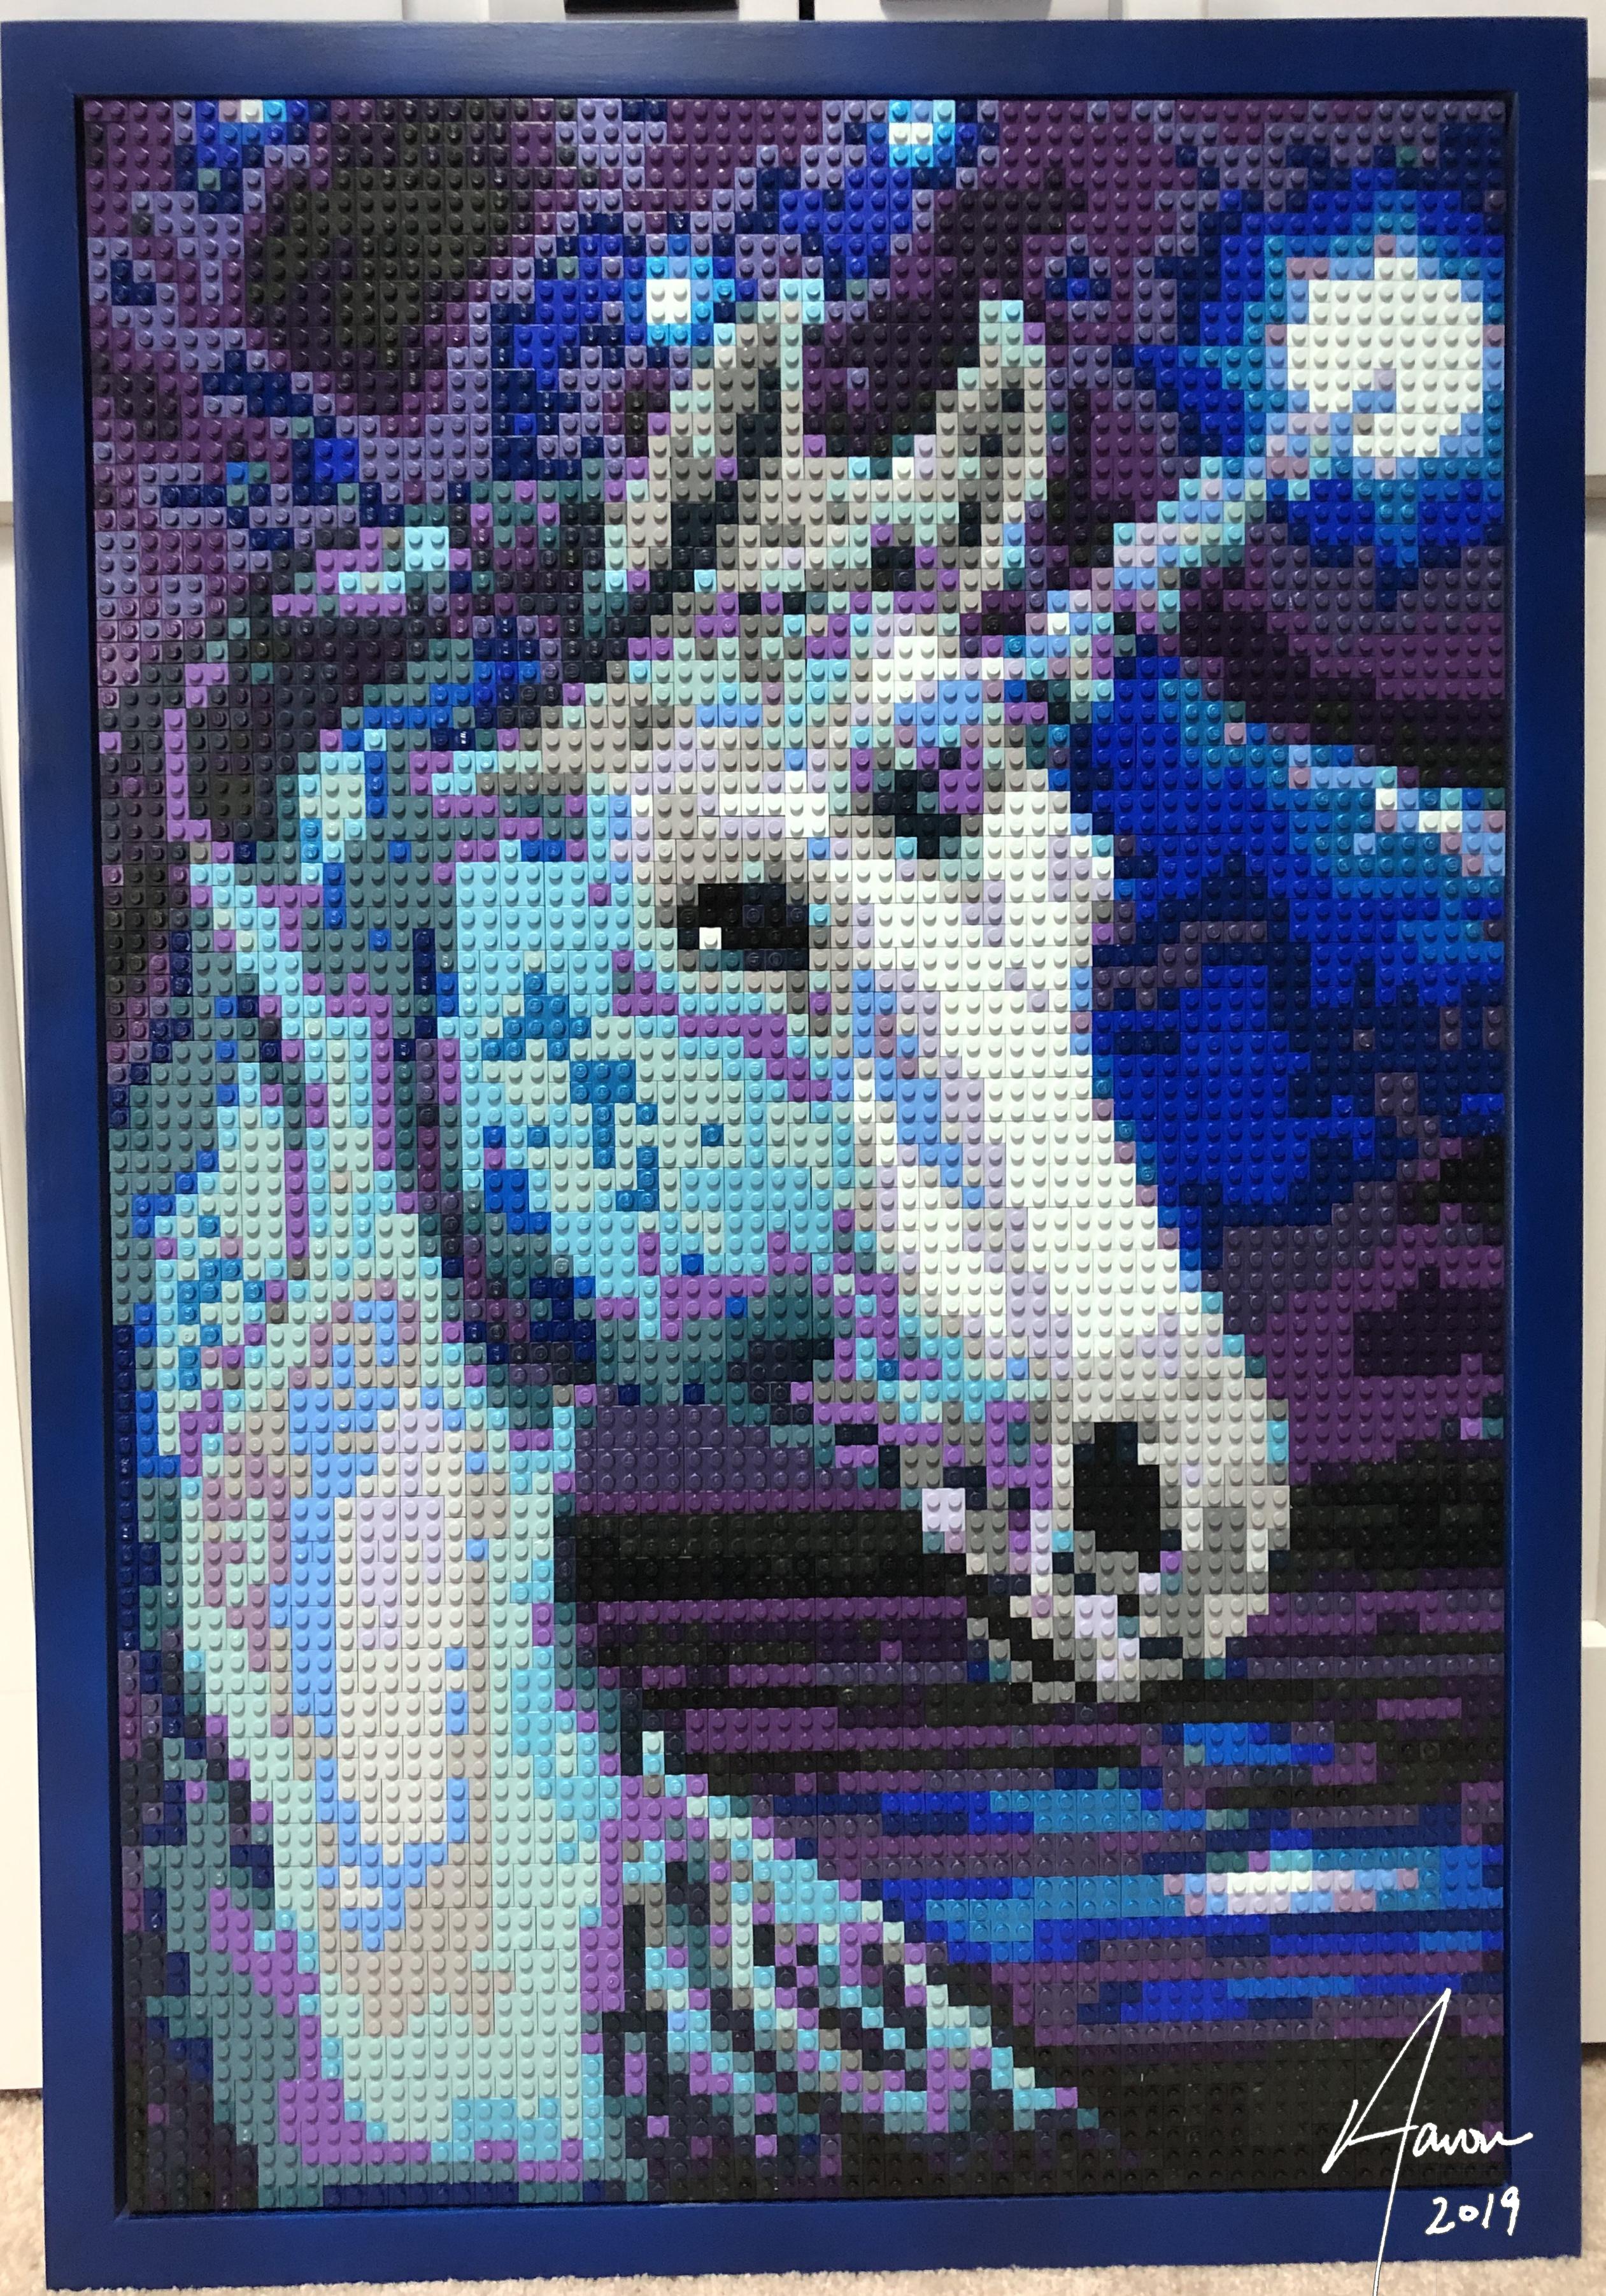 Unicorn LEGO mosaic